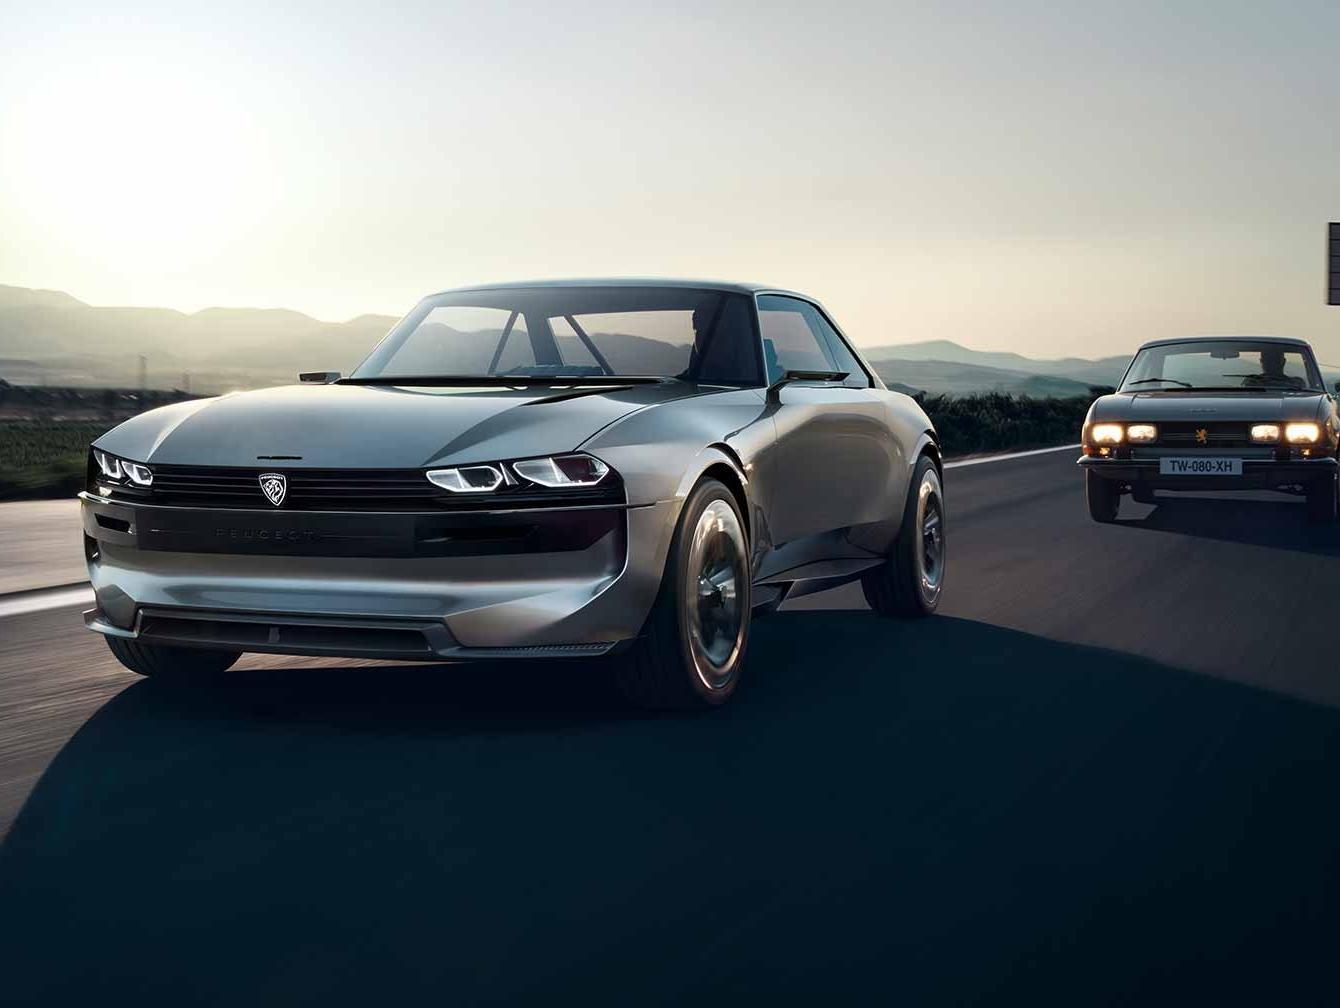 הדרך לעתיד מתחילה בעבר: מכונית הקופה-קונספט של פיג'ו עושה חשק לנהוג